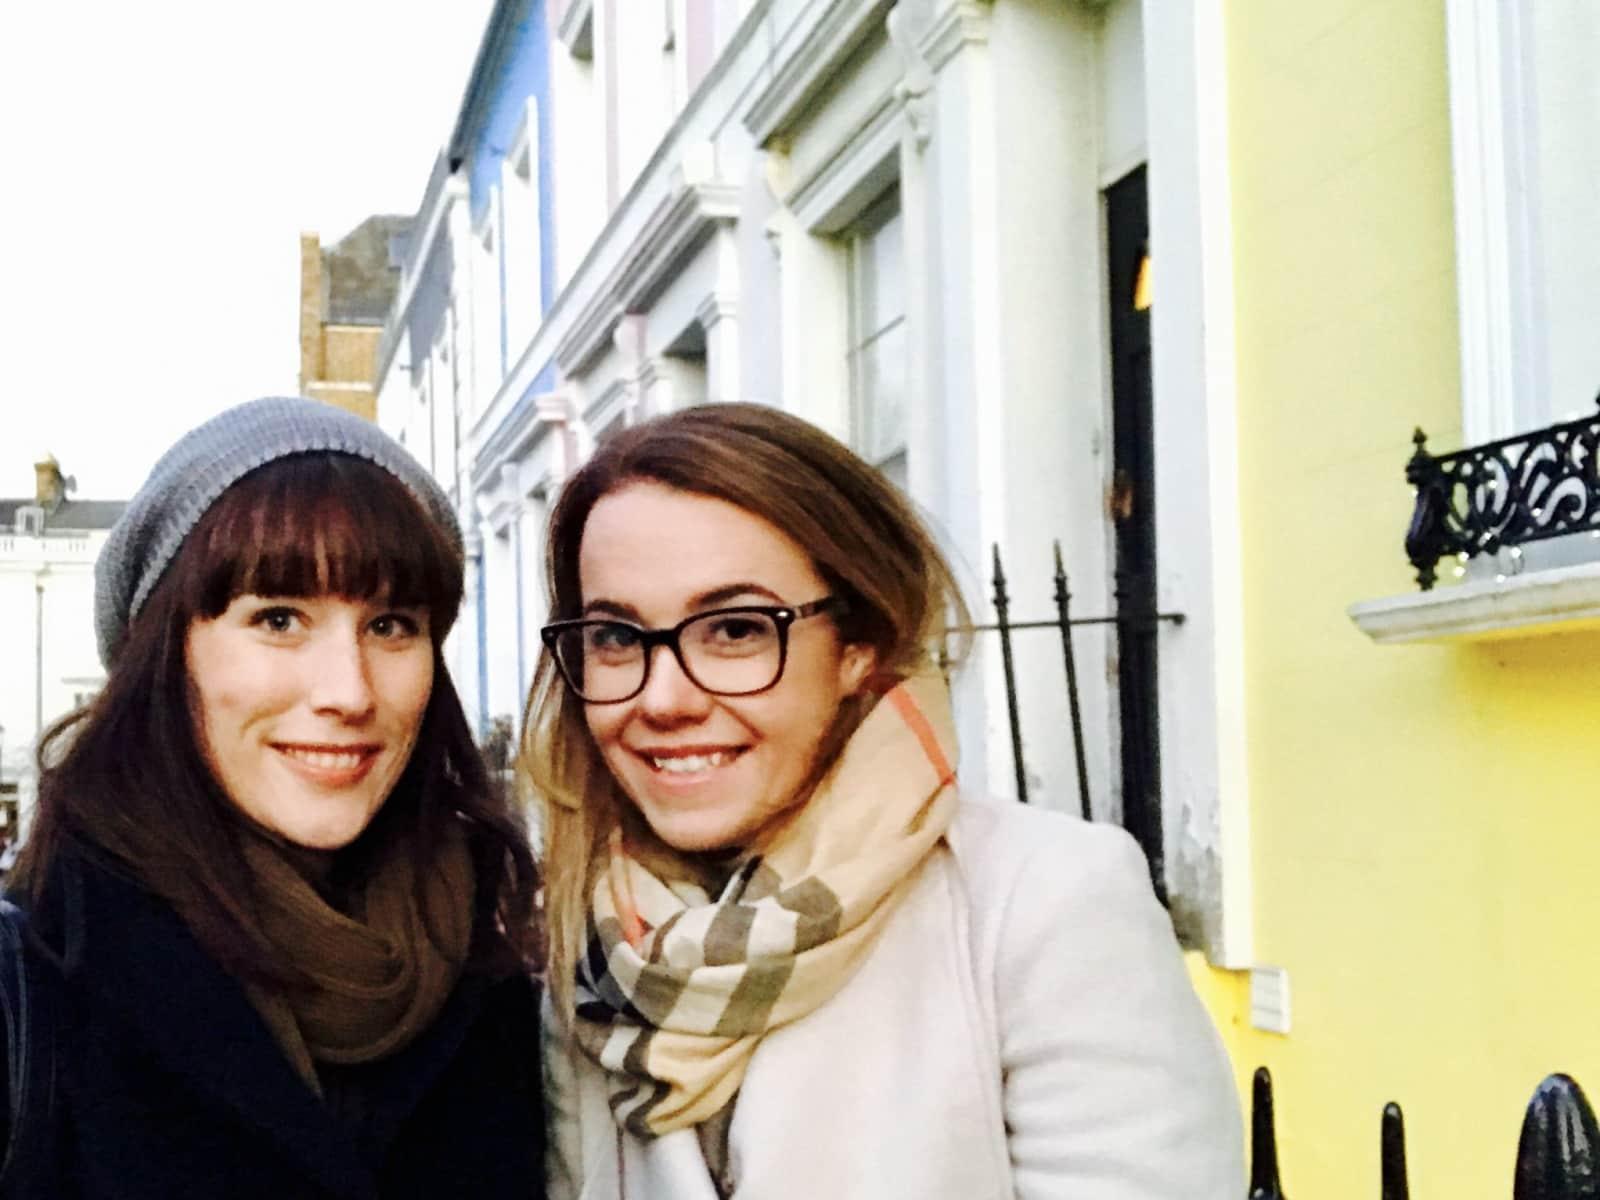 Lillian & Naomi from London, United Kingdom